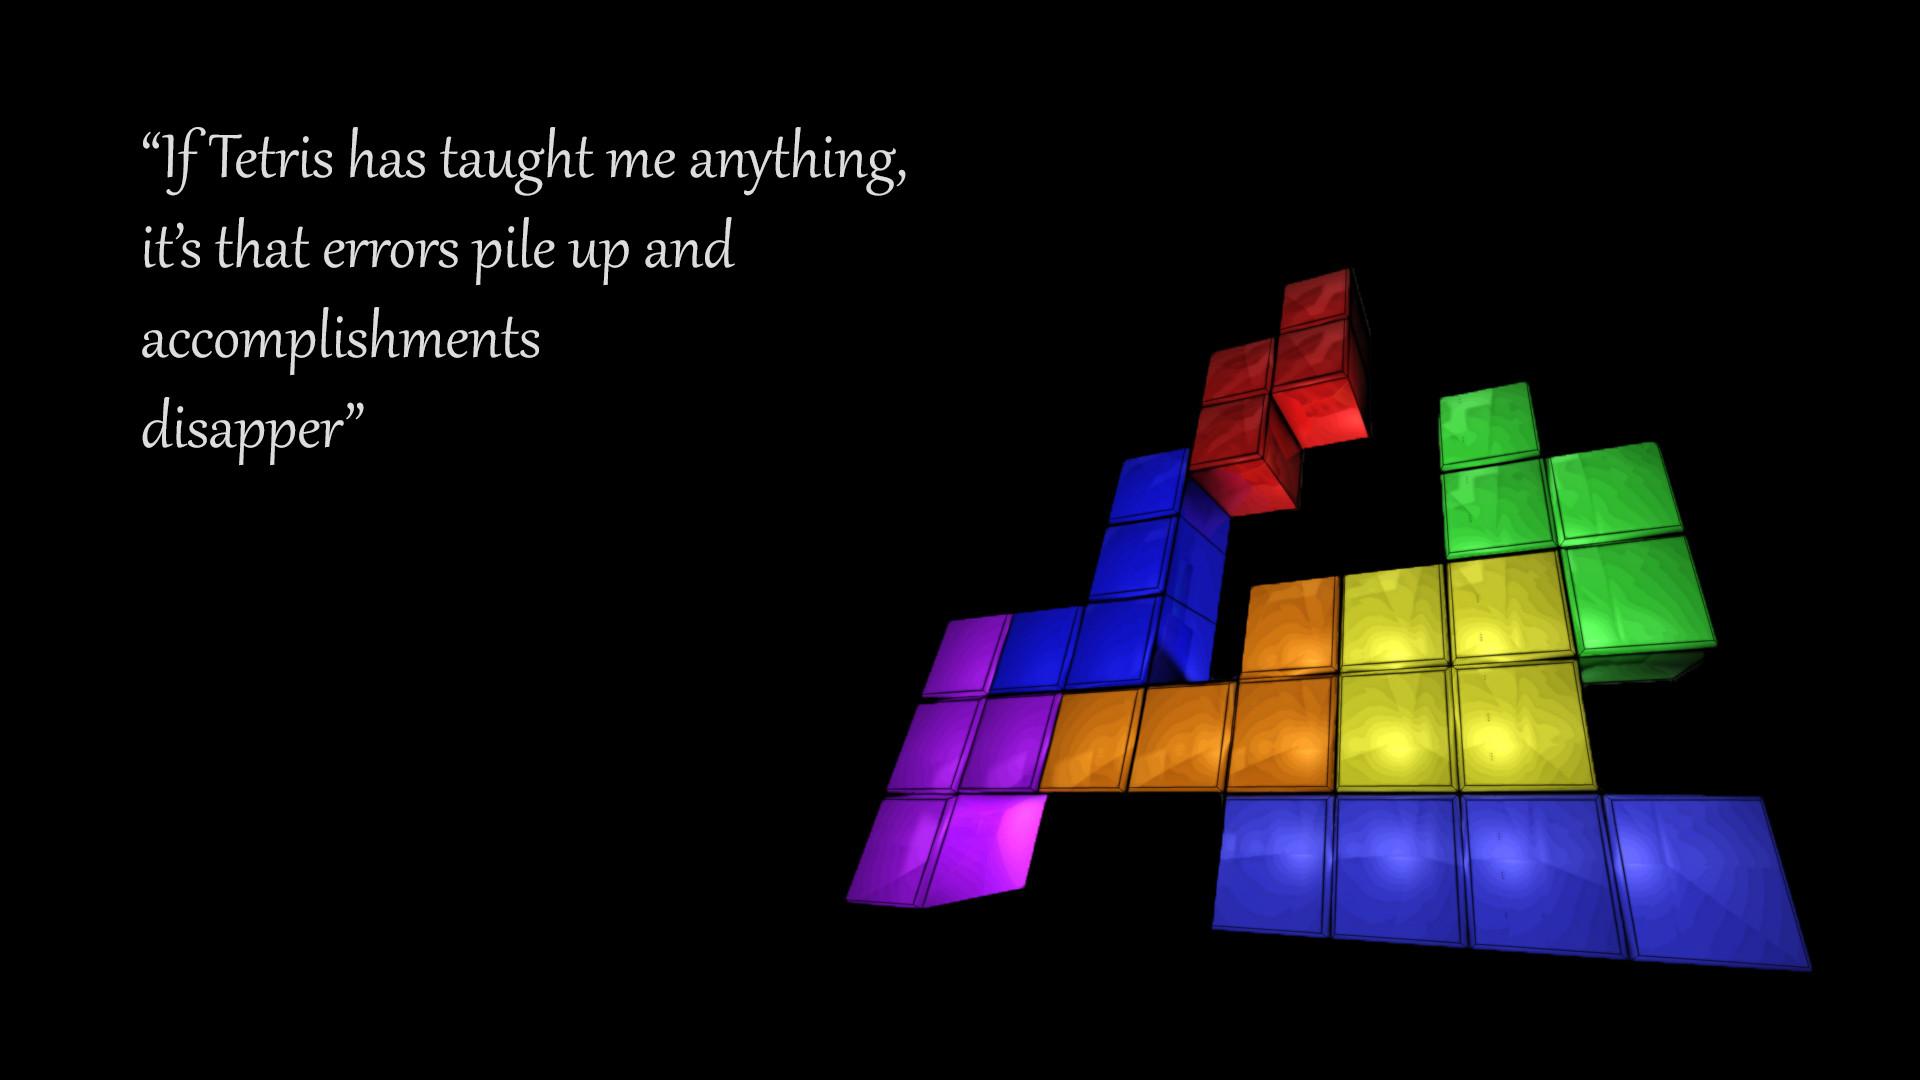 Tetris Wallpapers Widescreen 81HNQ66   4USkY 1920x1080